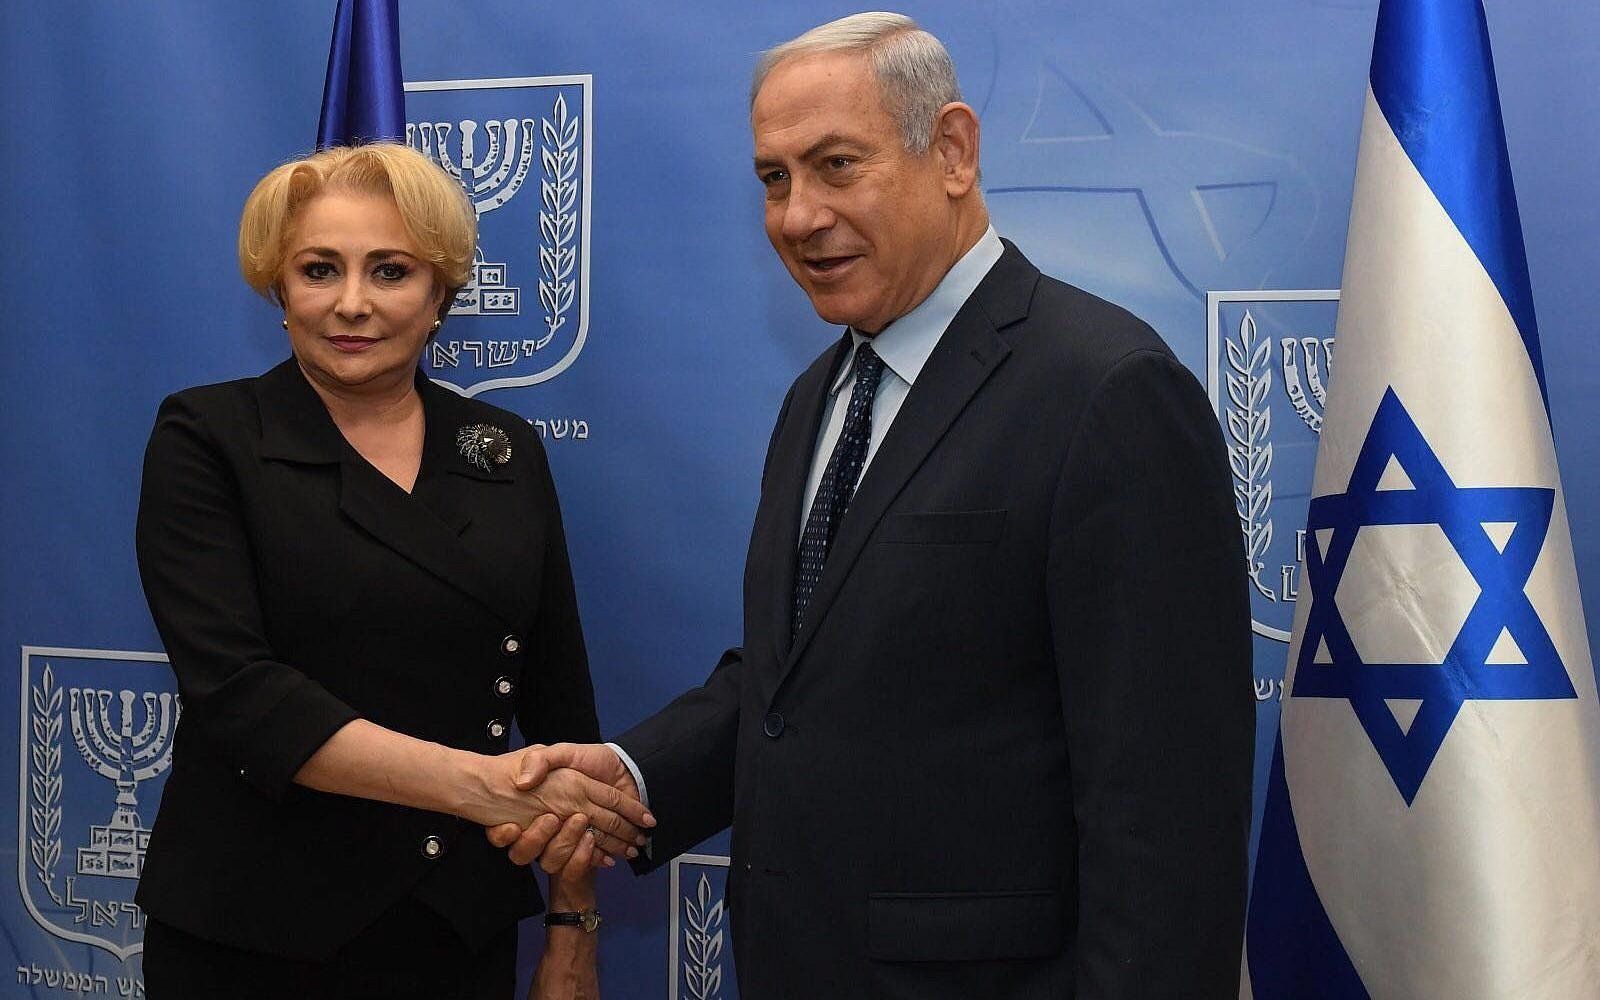 La Roumanie et le Honduras déplacent leur ambassade à Jérusalem